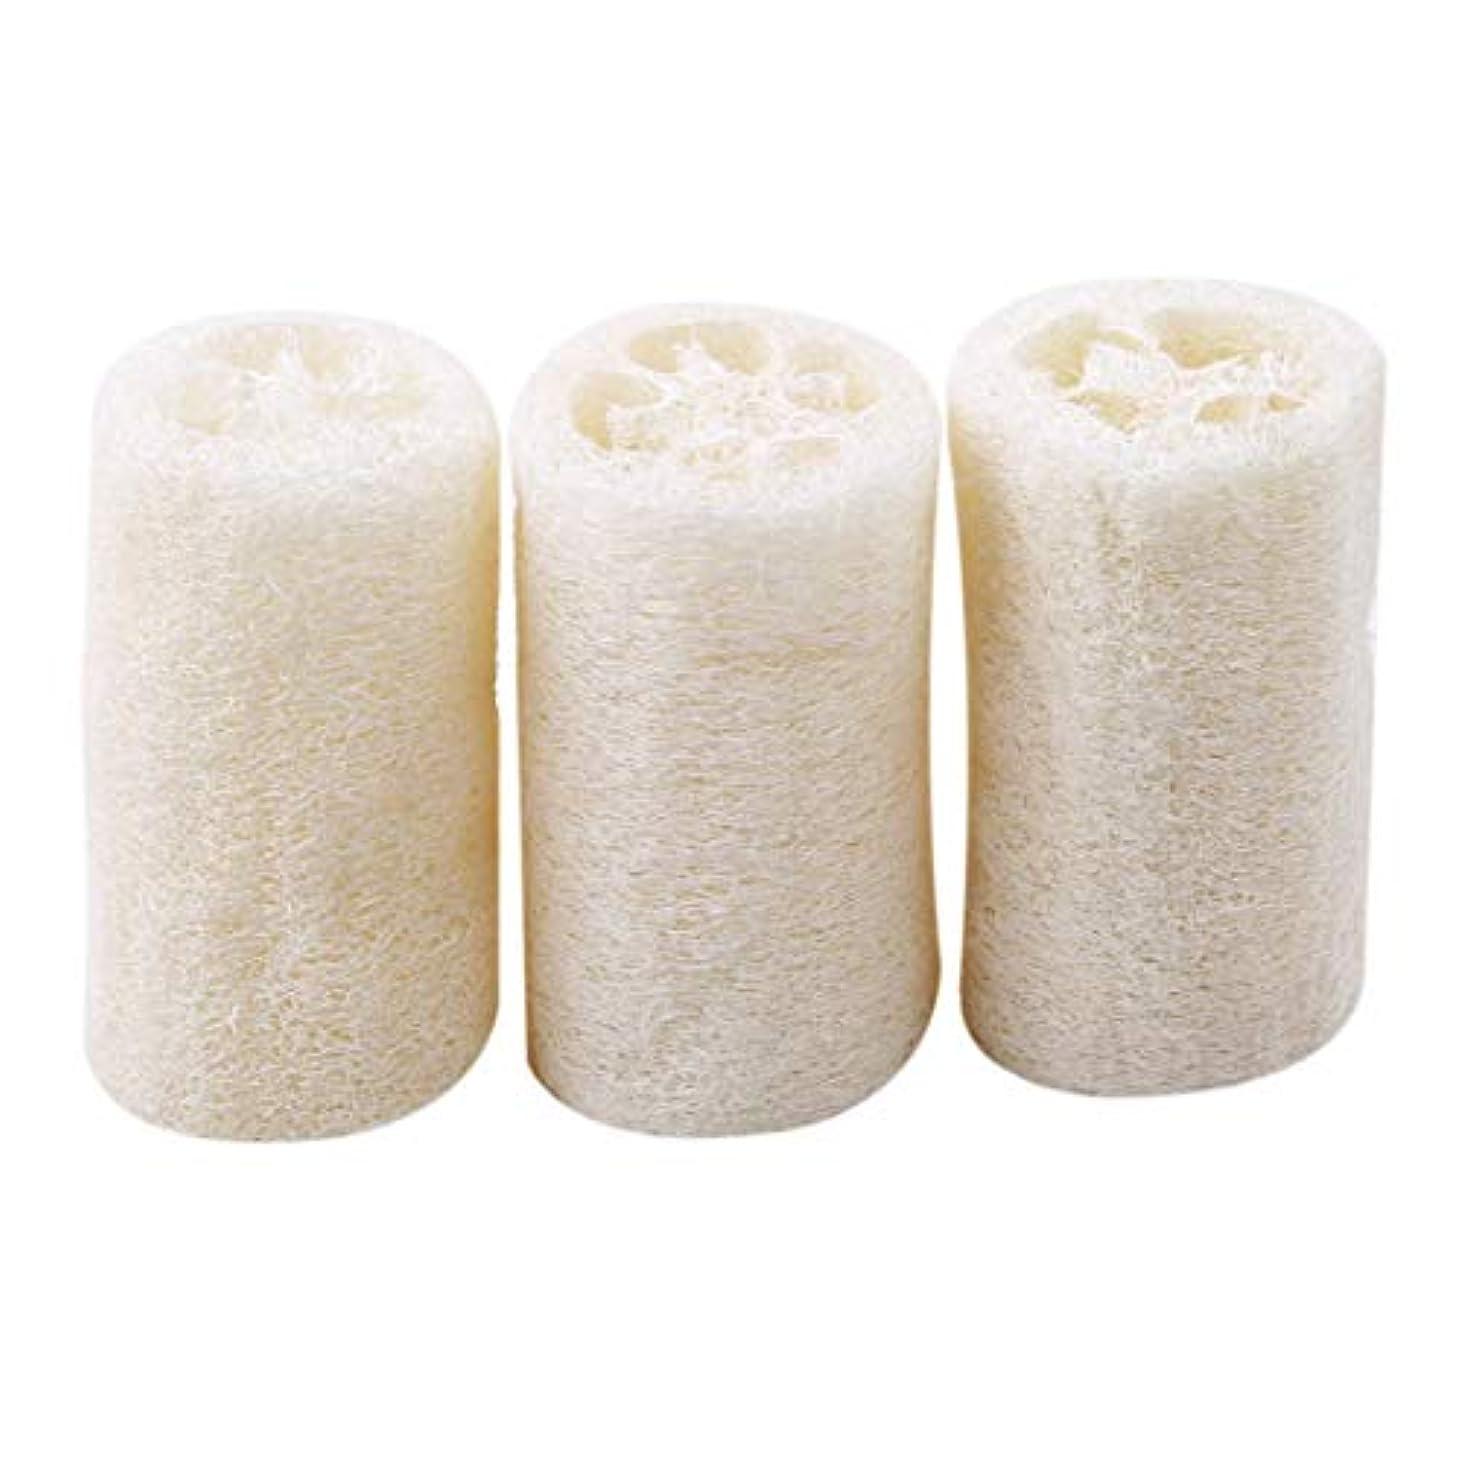 看板森林第九Onior 耐久性 ボディースポンジ へちま お風呂 清掃 洗浄作業 3個セット